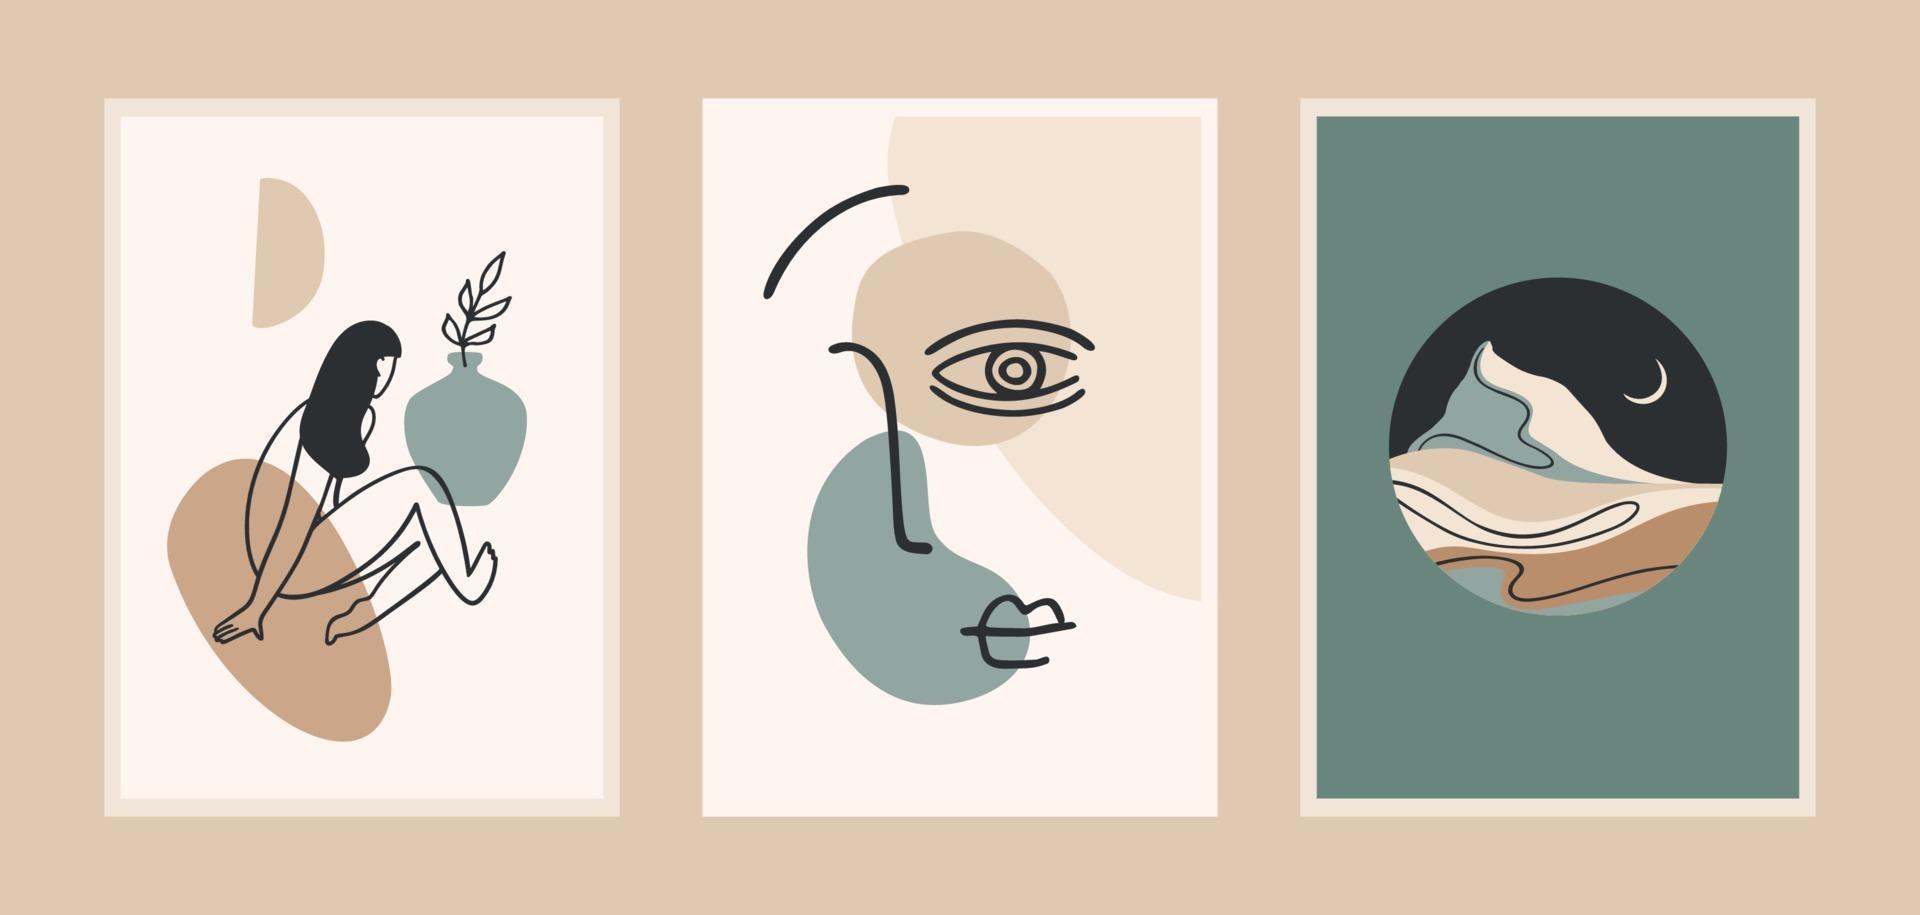 uppsättning samtida konsttryck. linjekonst. modern vektordesign för affischer, kort, förpackningar och mer vektor